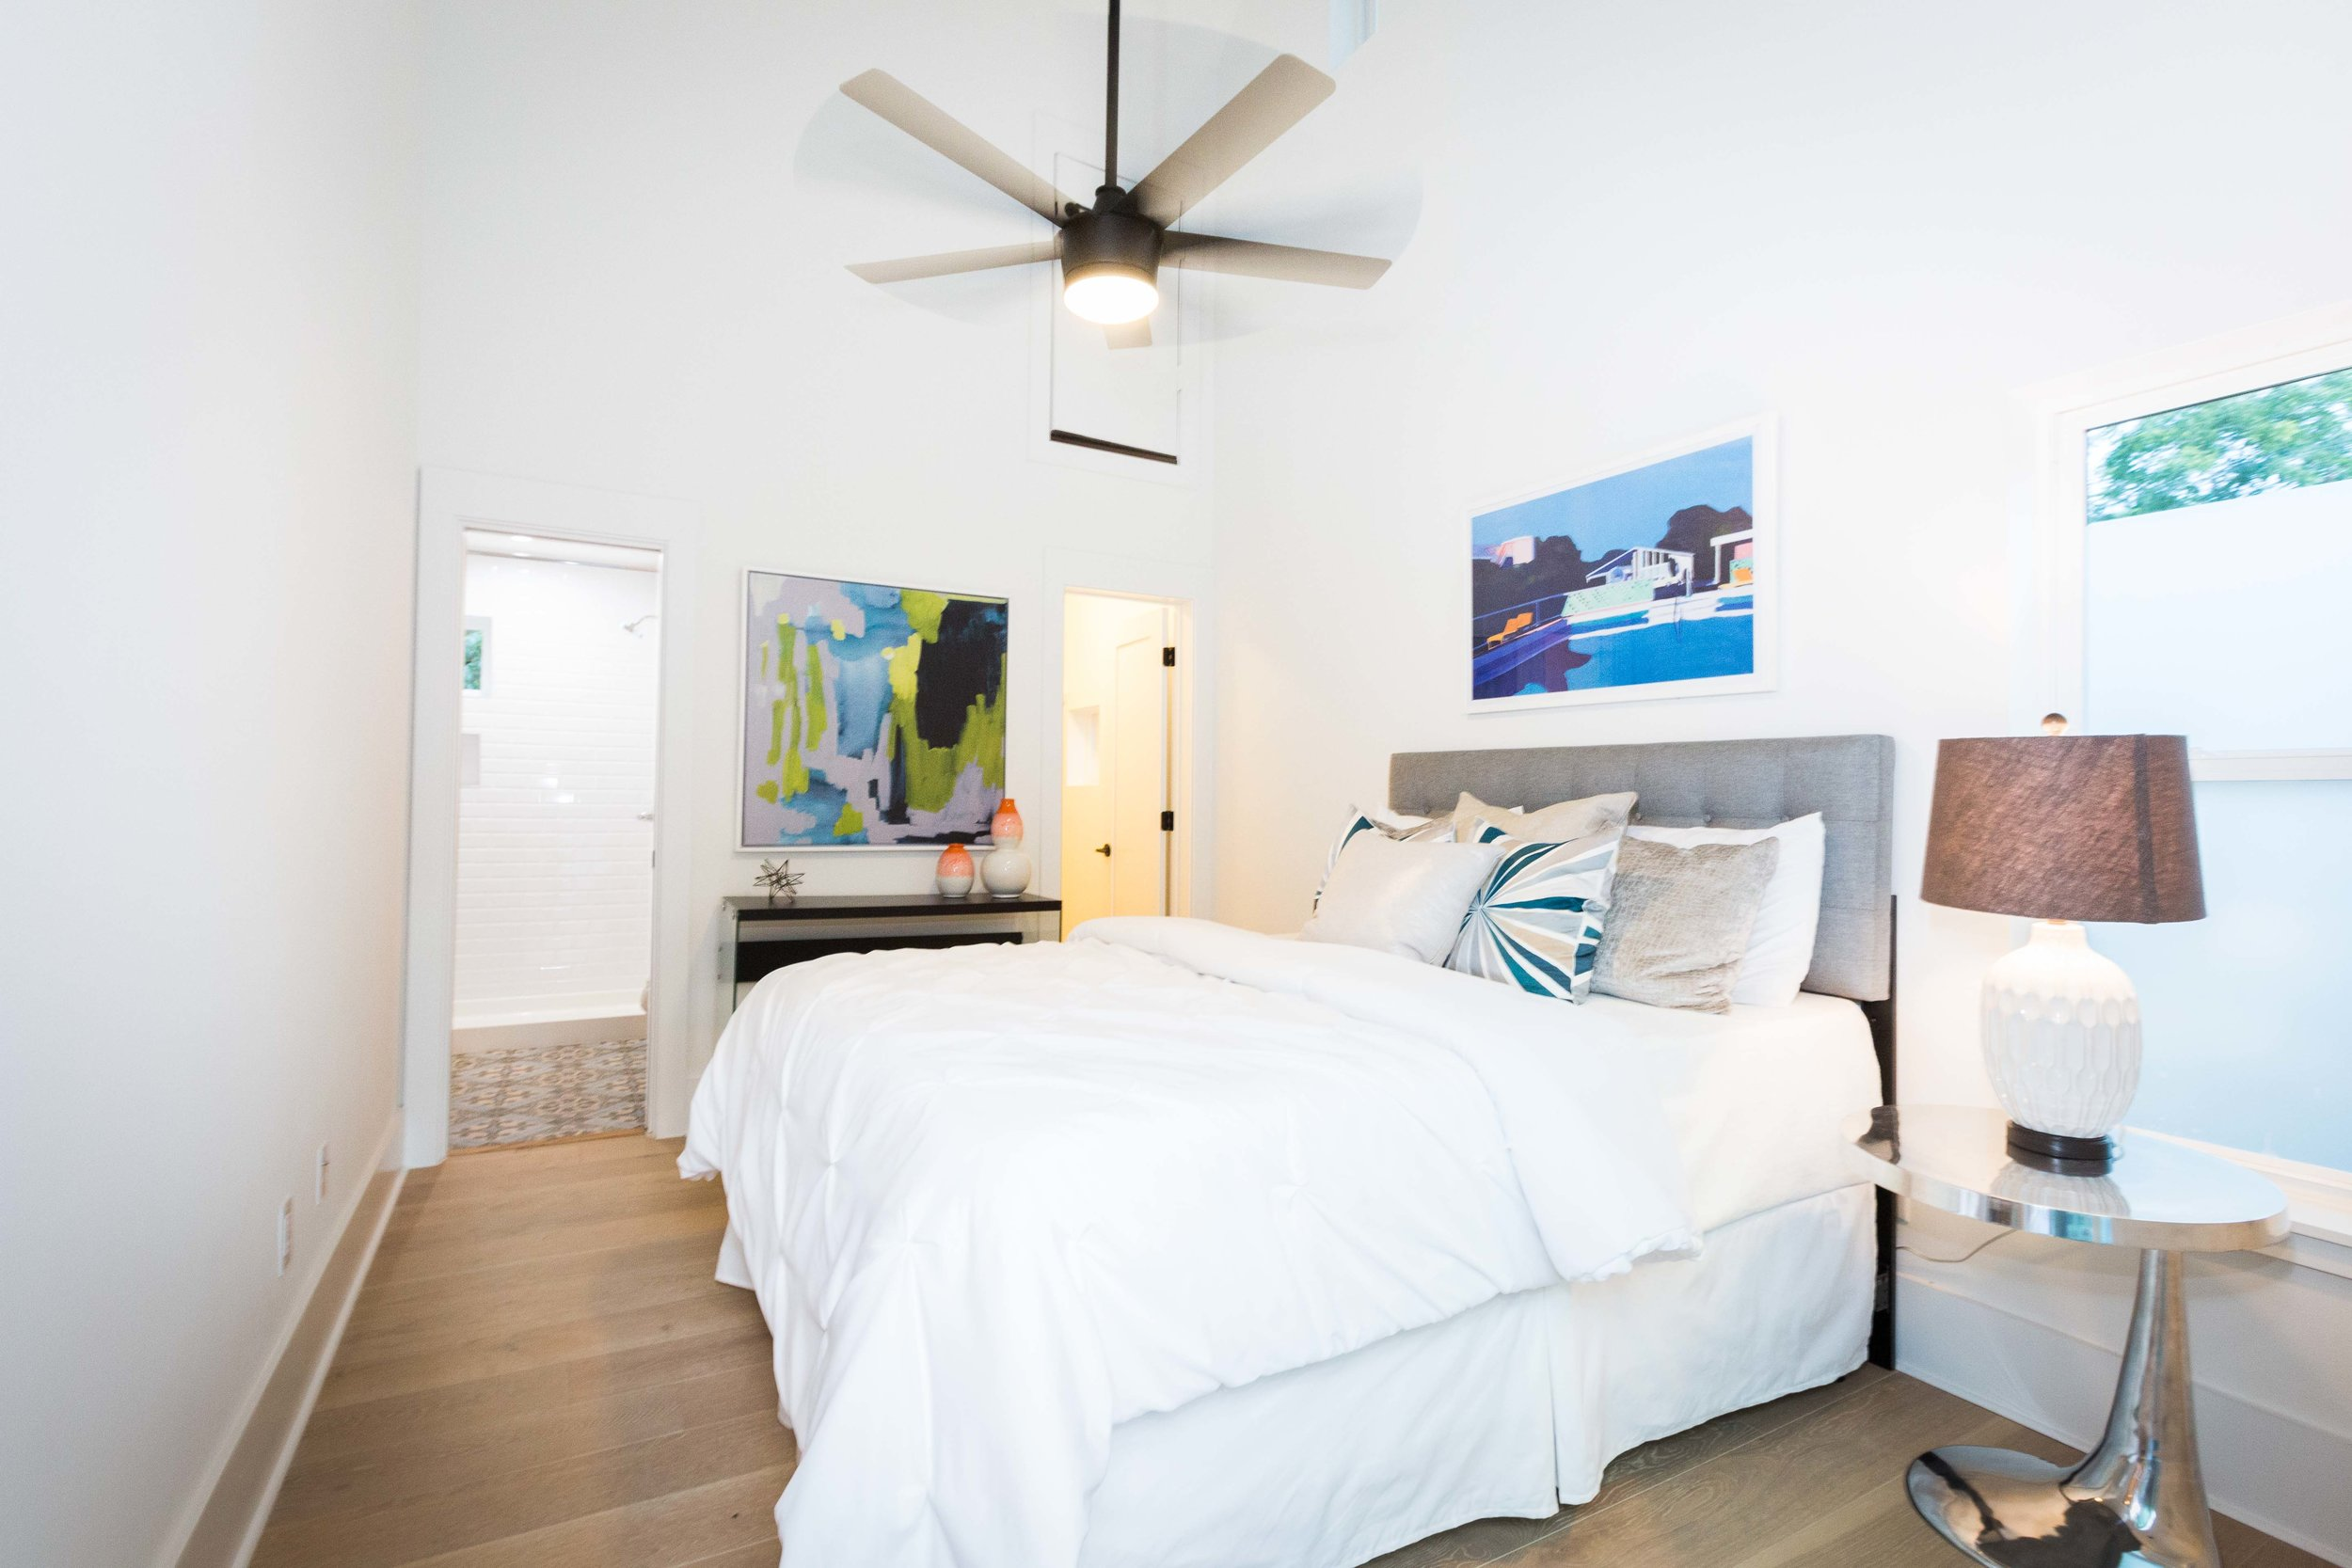 2504_WillowB_-_East_Austin_Alley_House_Modern_Cottage-9734[1].jpg